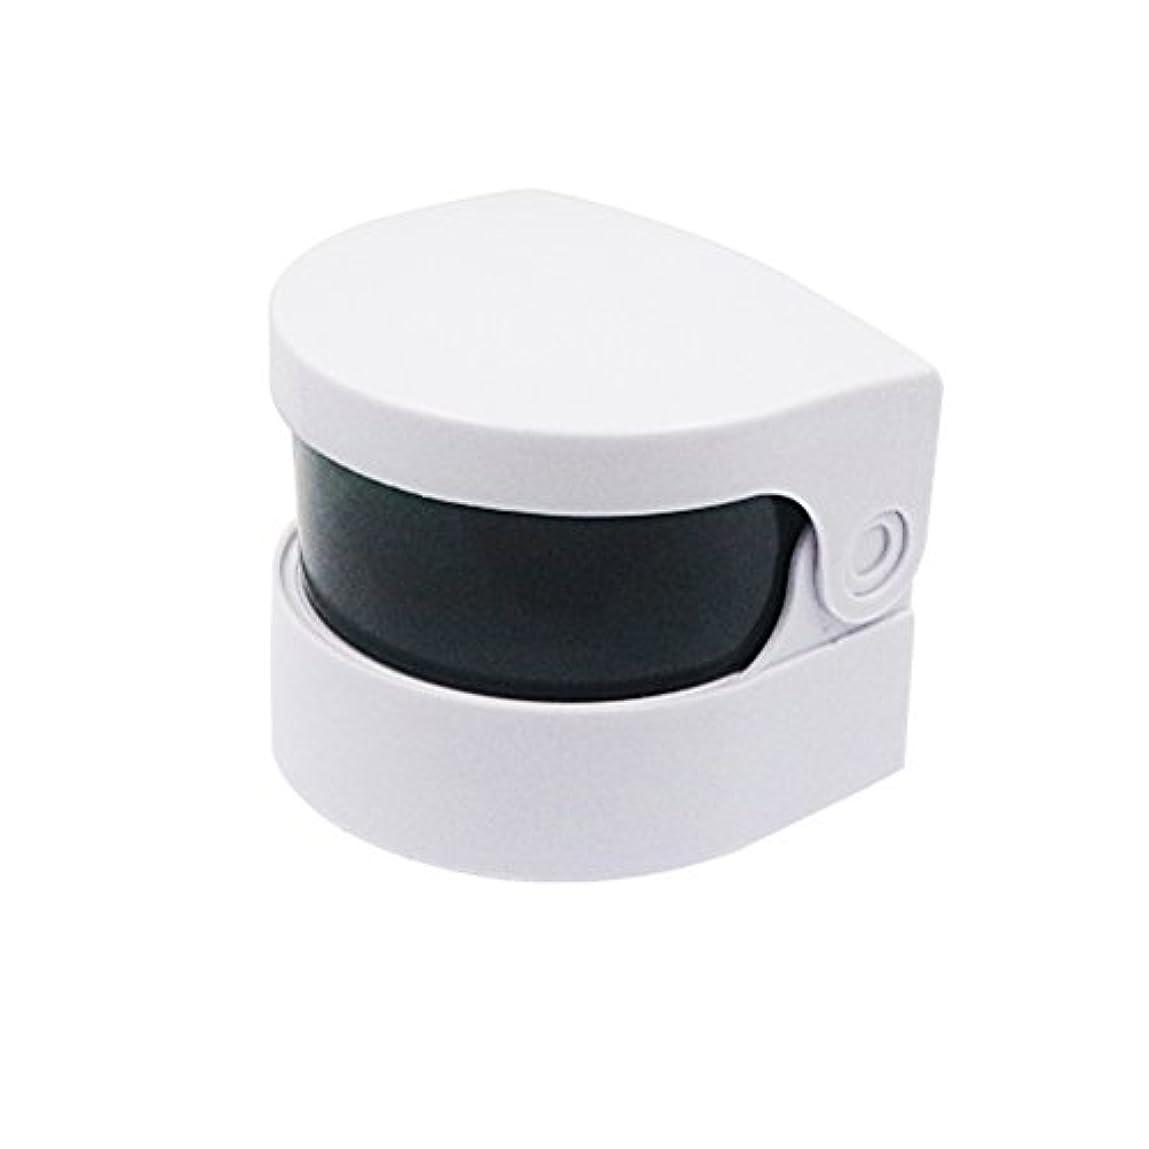 委託充電アスレチックHealifty 超音波クリーナー義歯クリーナーバスジュエリー時計用クリーニングマシンメガネコイン(ホワイト)